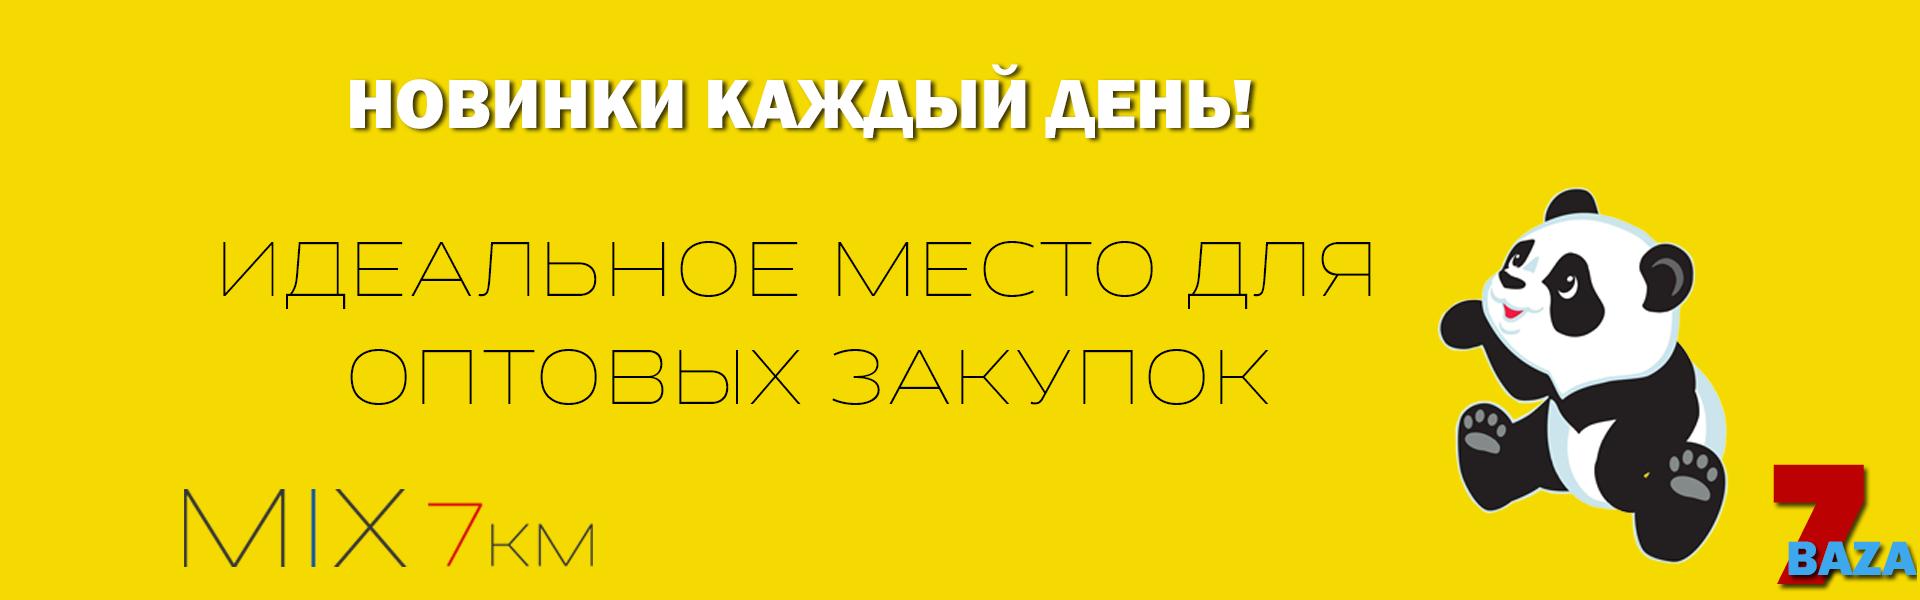 e203c51c356a Одежда сумки кошельки купить оптом на 7 километре в Одессе ...